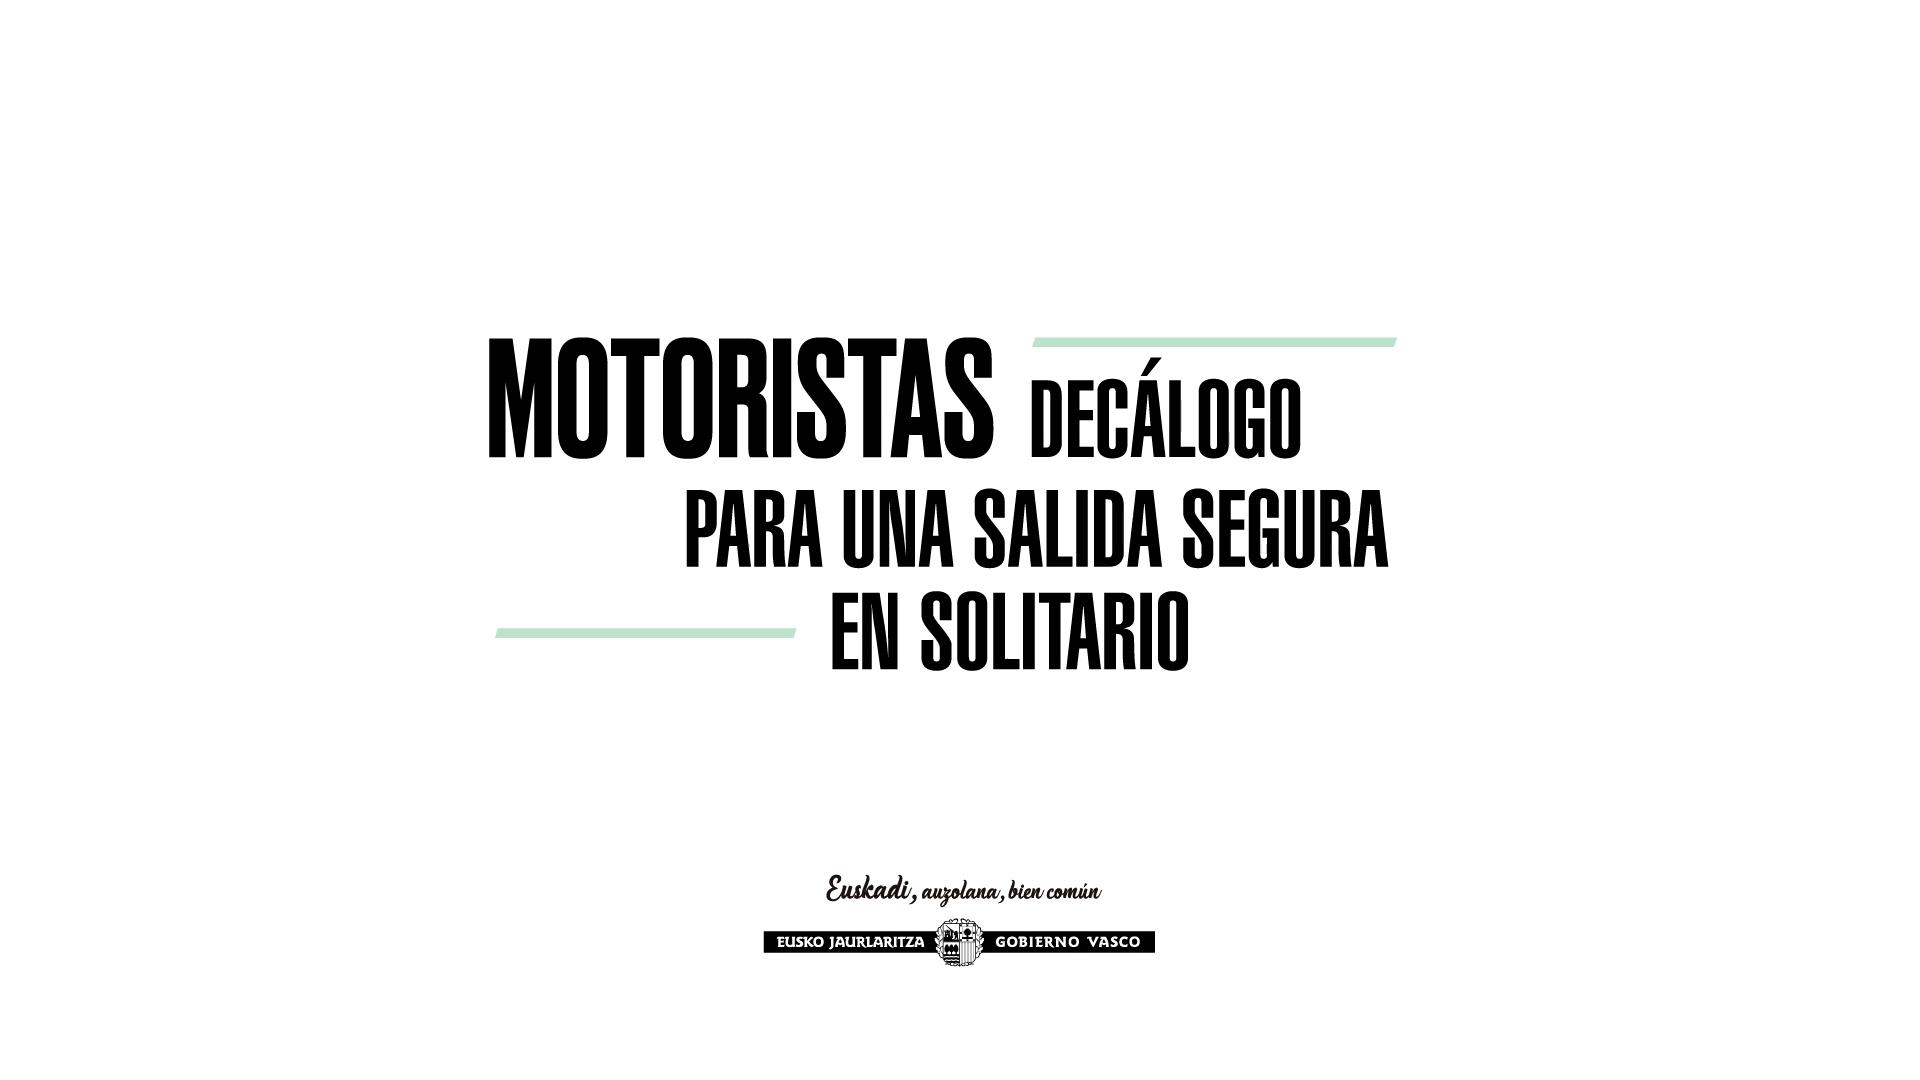 decalogo_motoristas.png